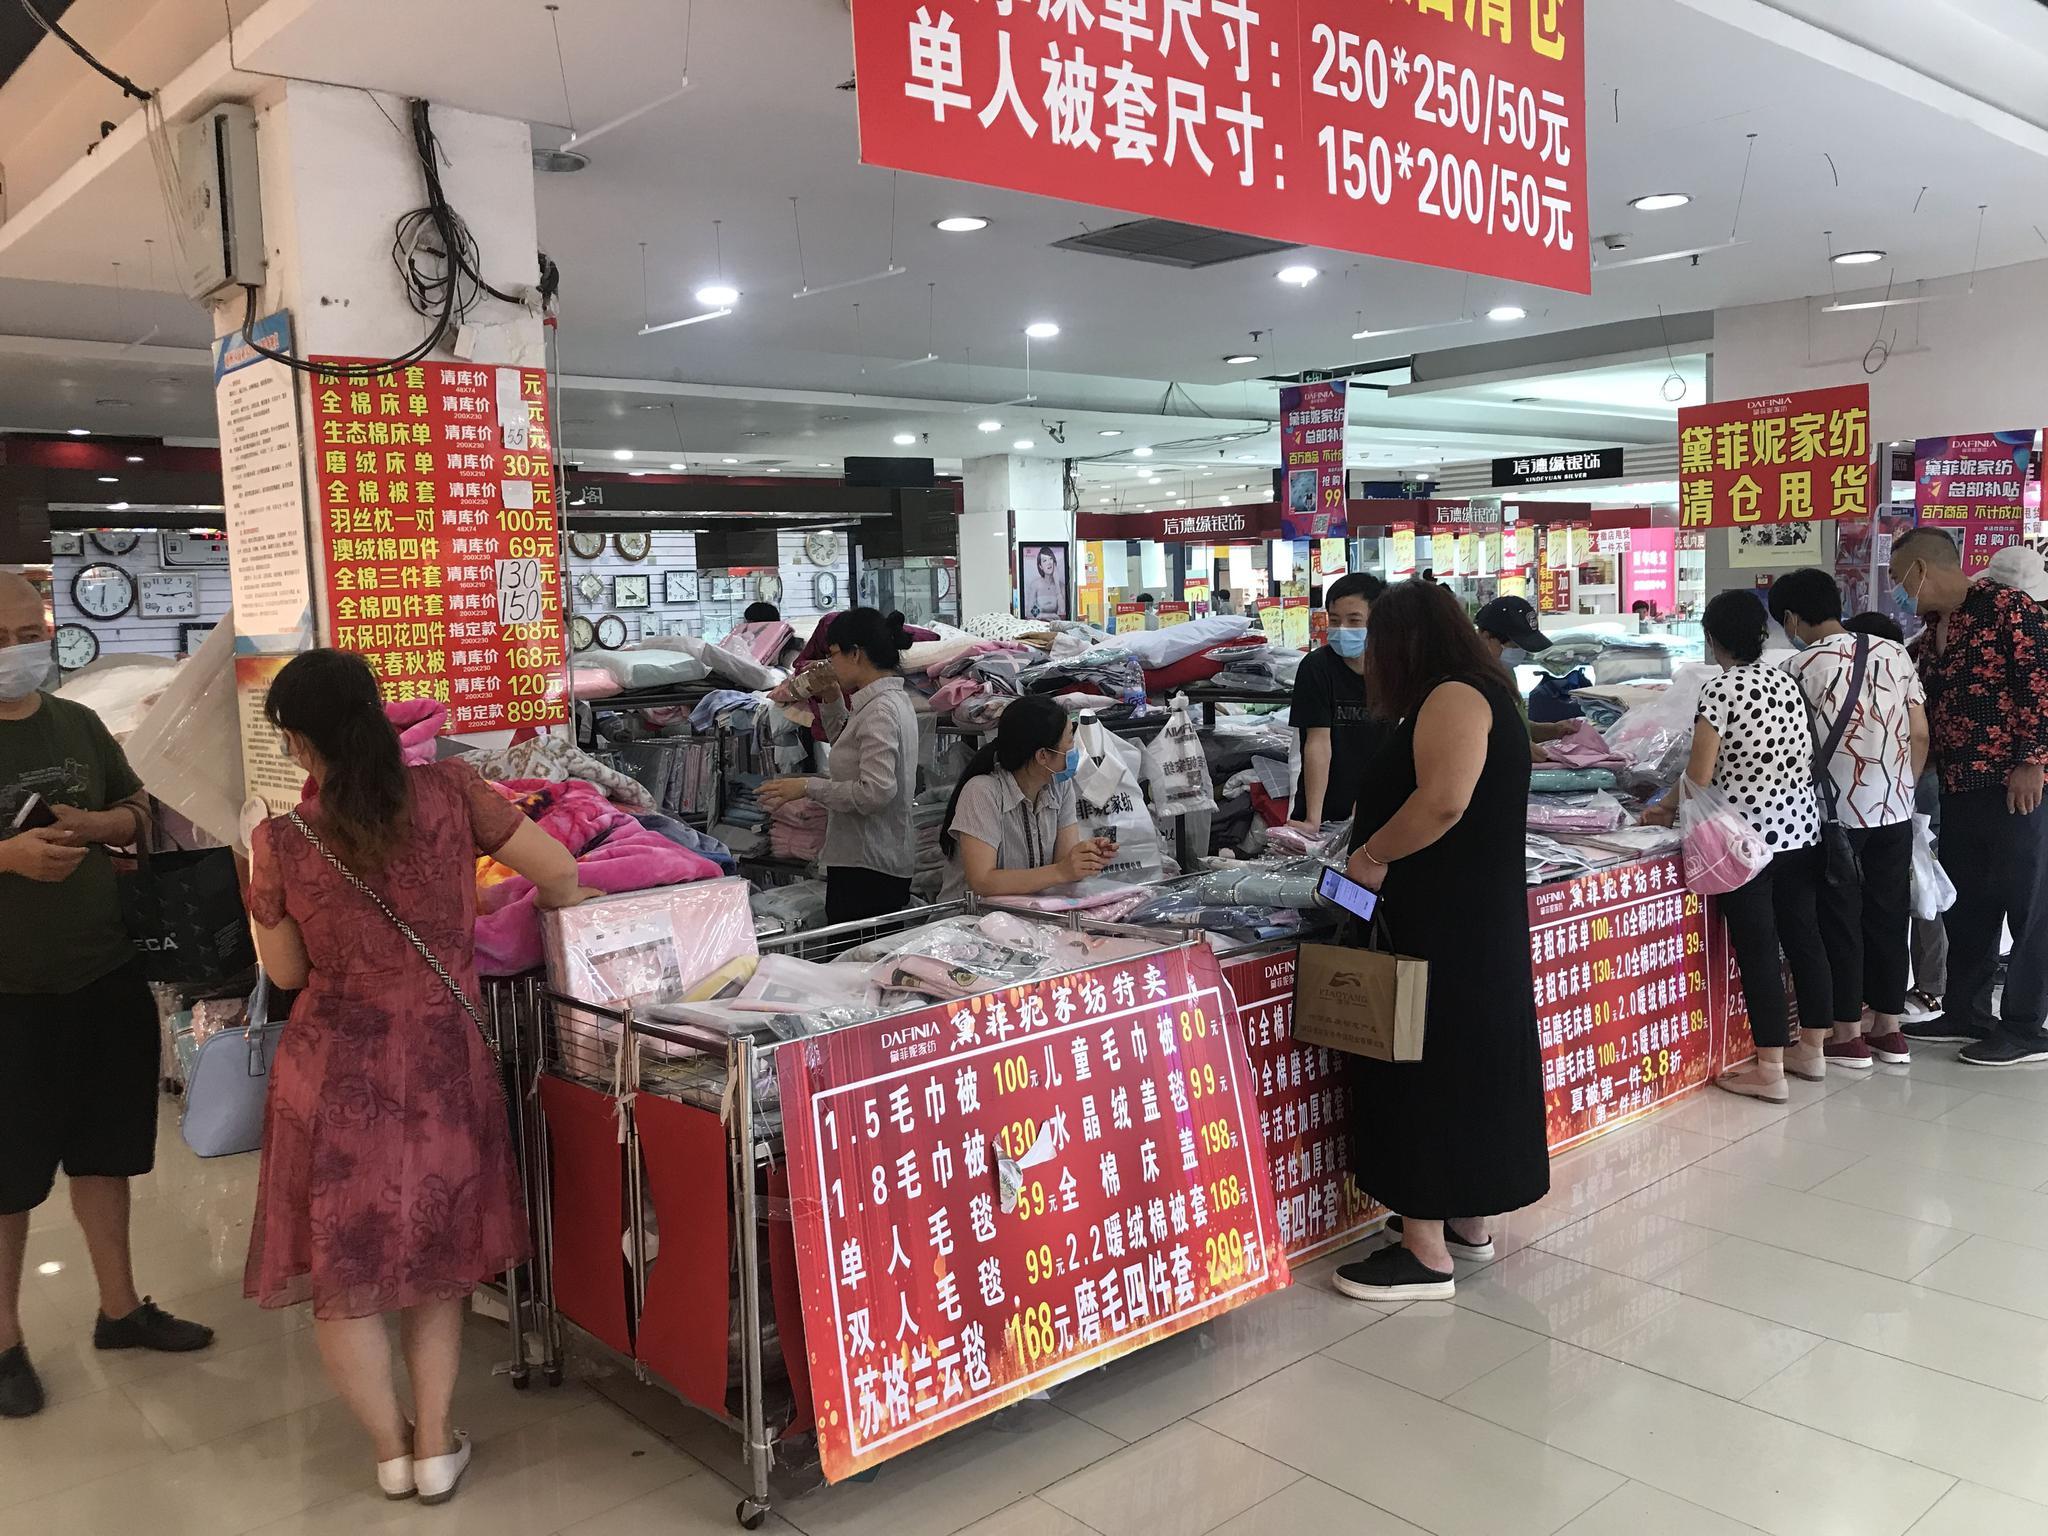 摩鑫测速:商场同日闭店传统商业改造加摩鑫测速图片